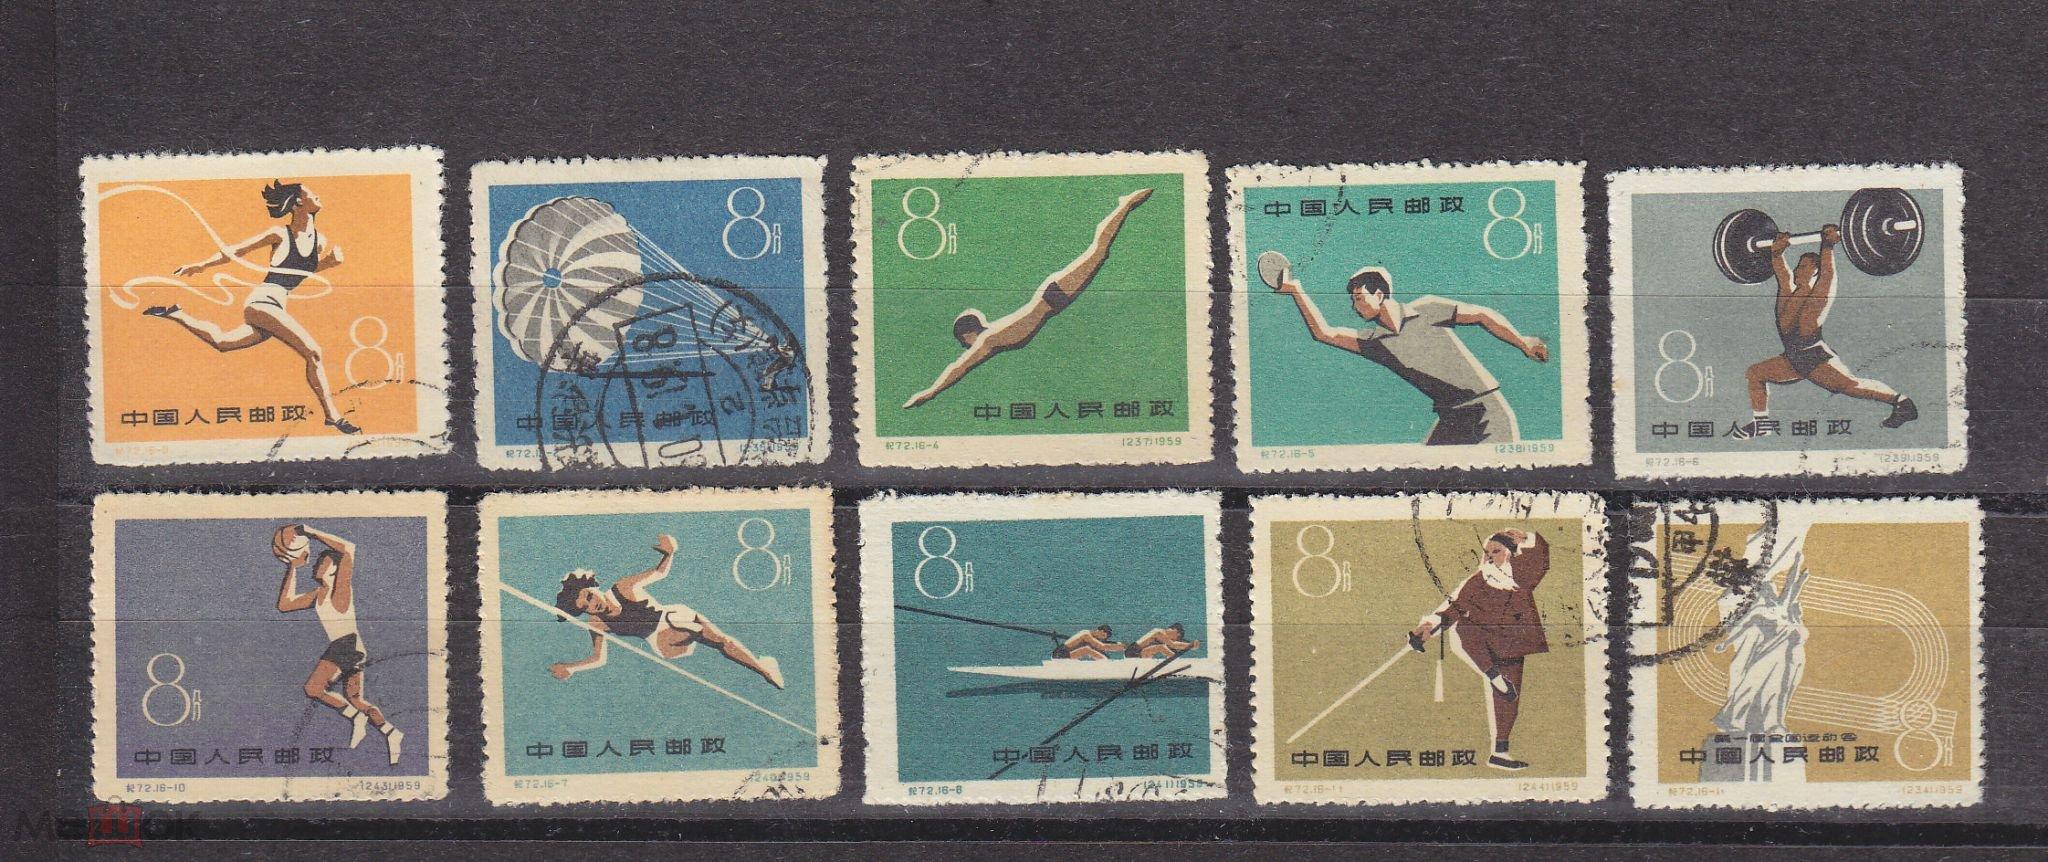 КИТАЙ, 1959 г., спорт, н/с, гашение.